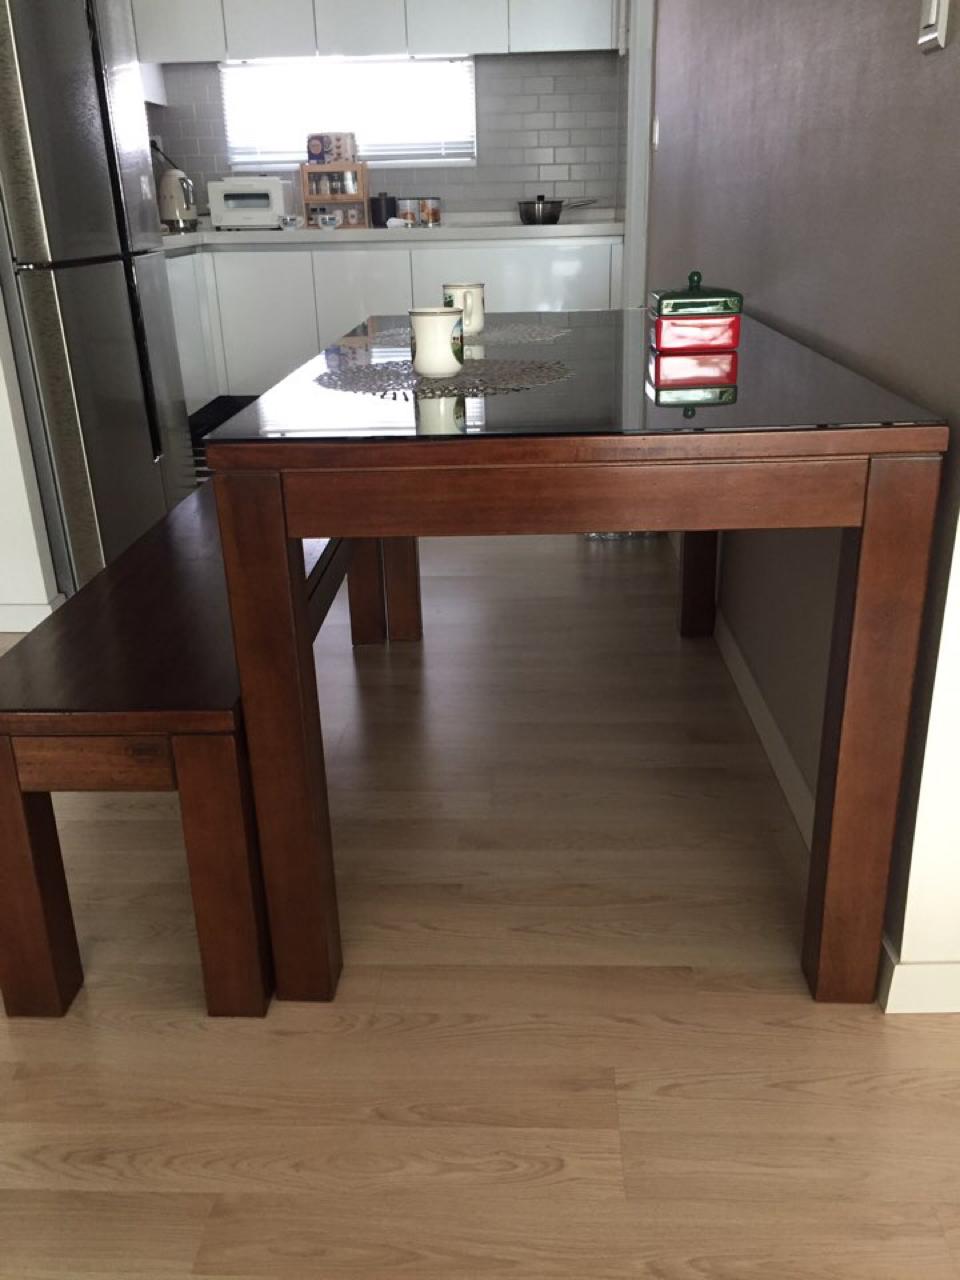 세덱 식탁+벤치 의자 셋트 (내열 유리 포함)